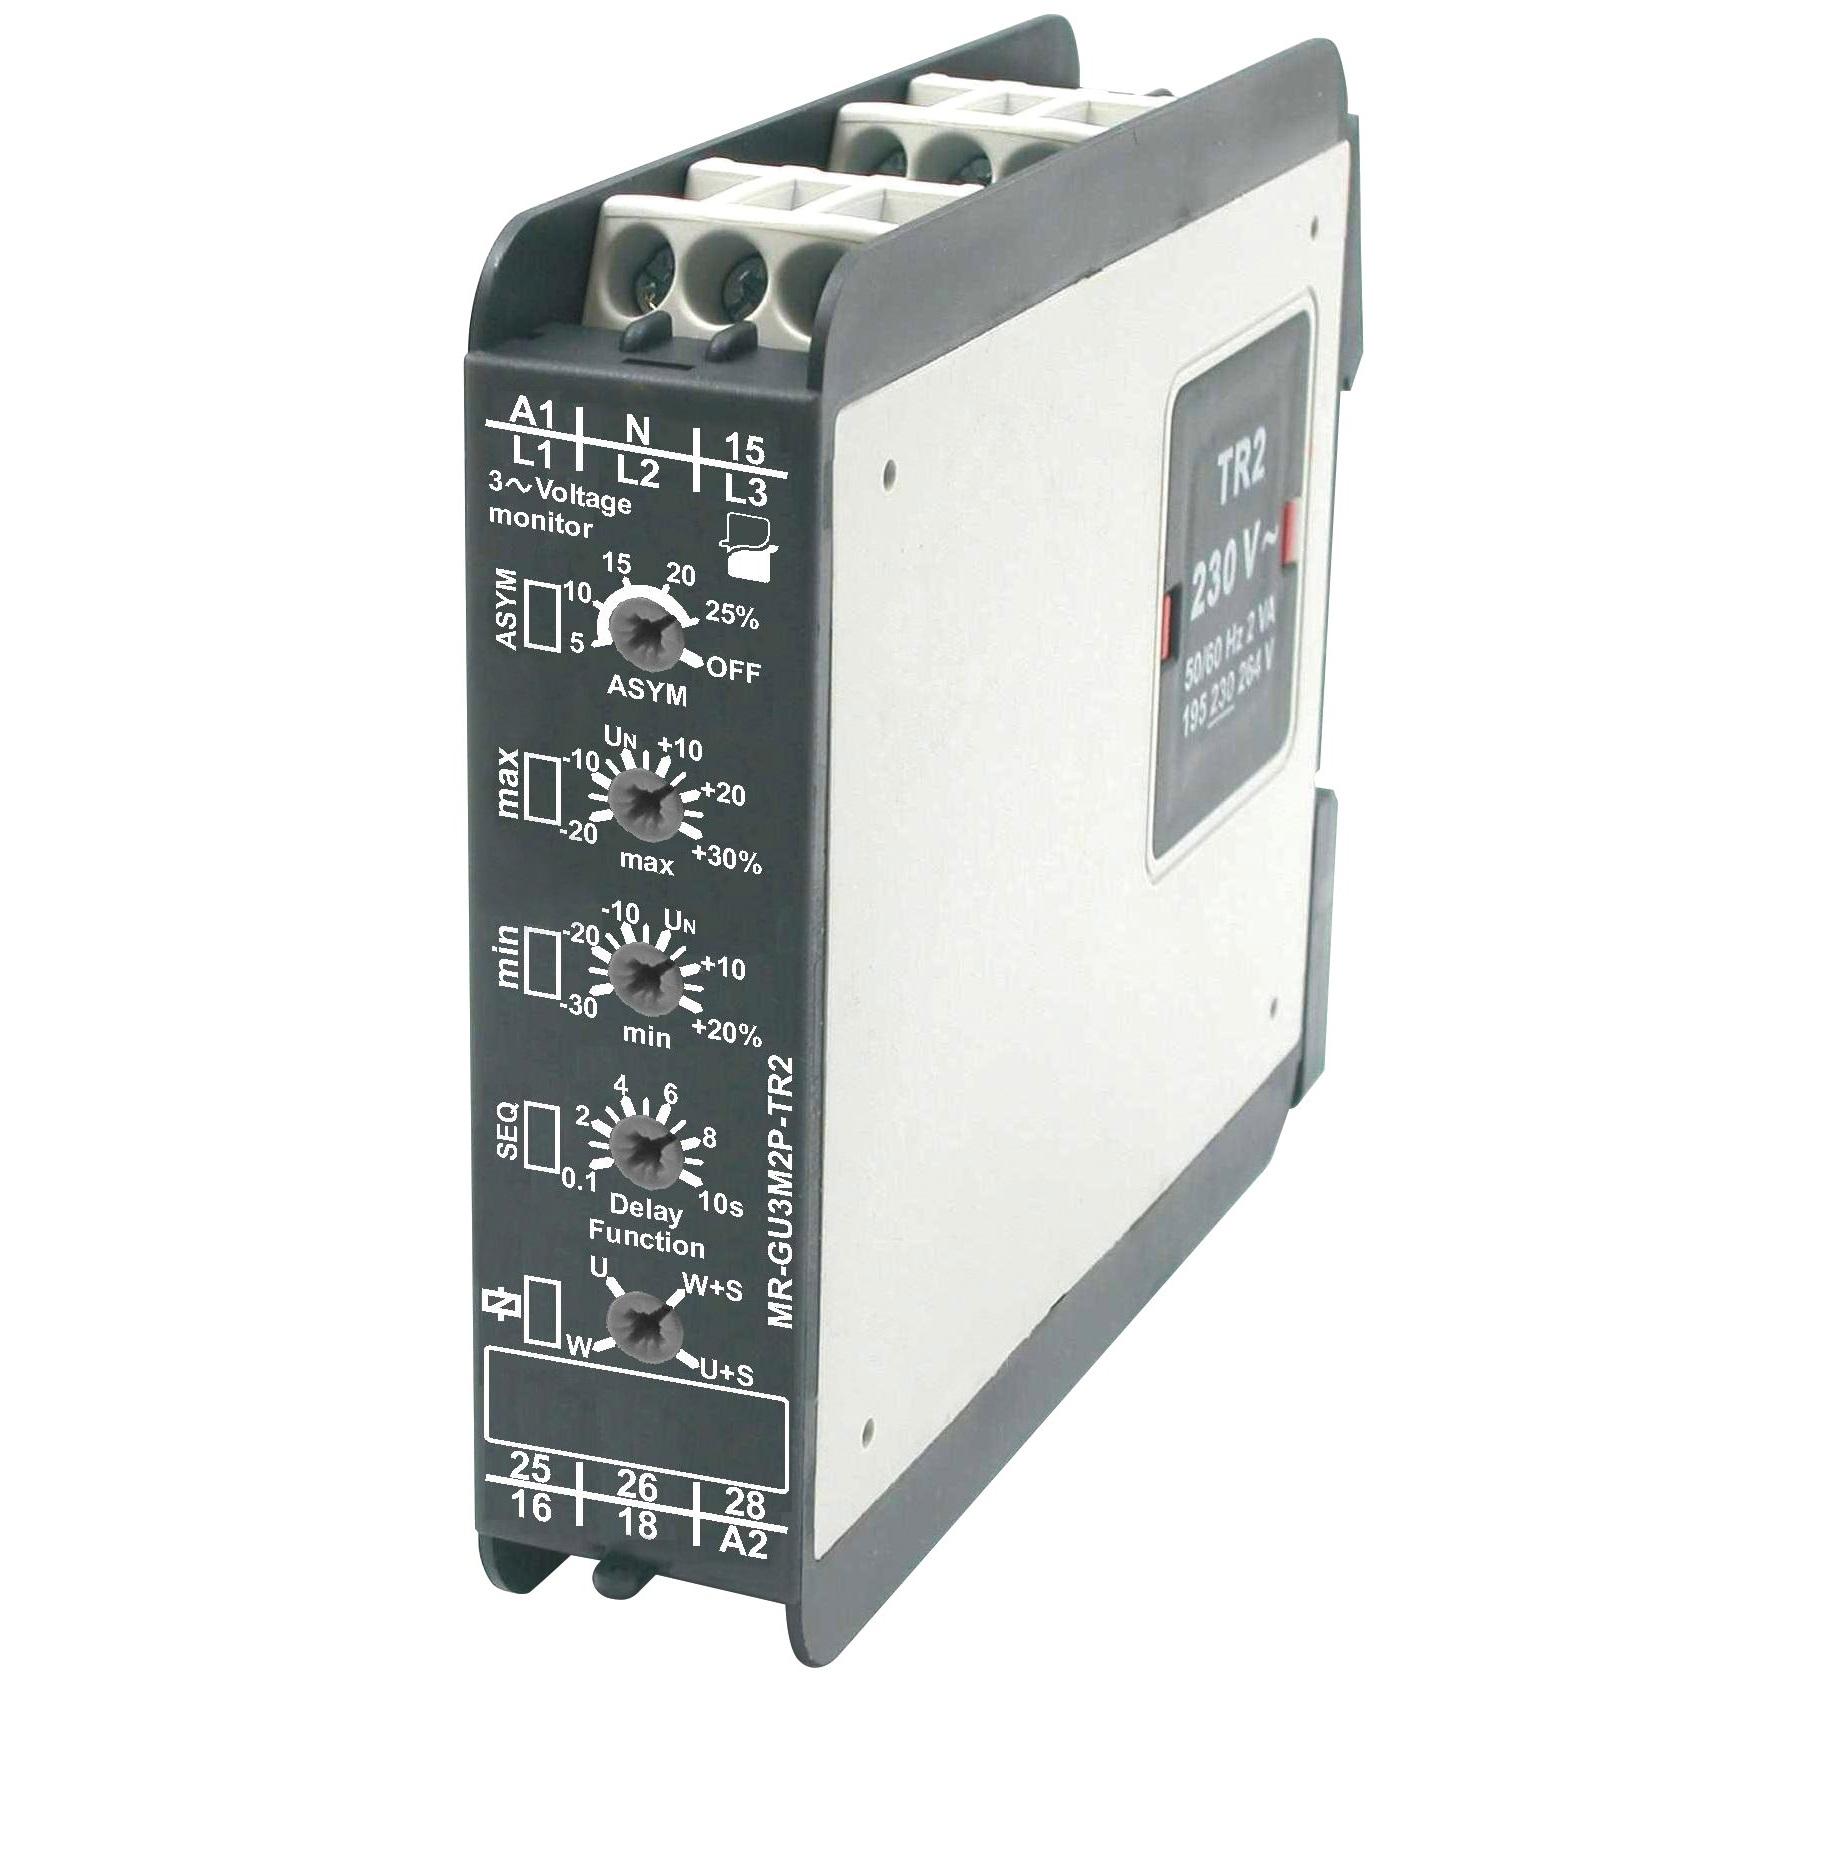 МР-GU3M2P-TR2 реле контроля напряжения для 3-фазных сетей